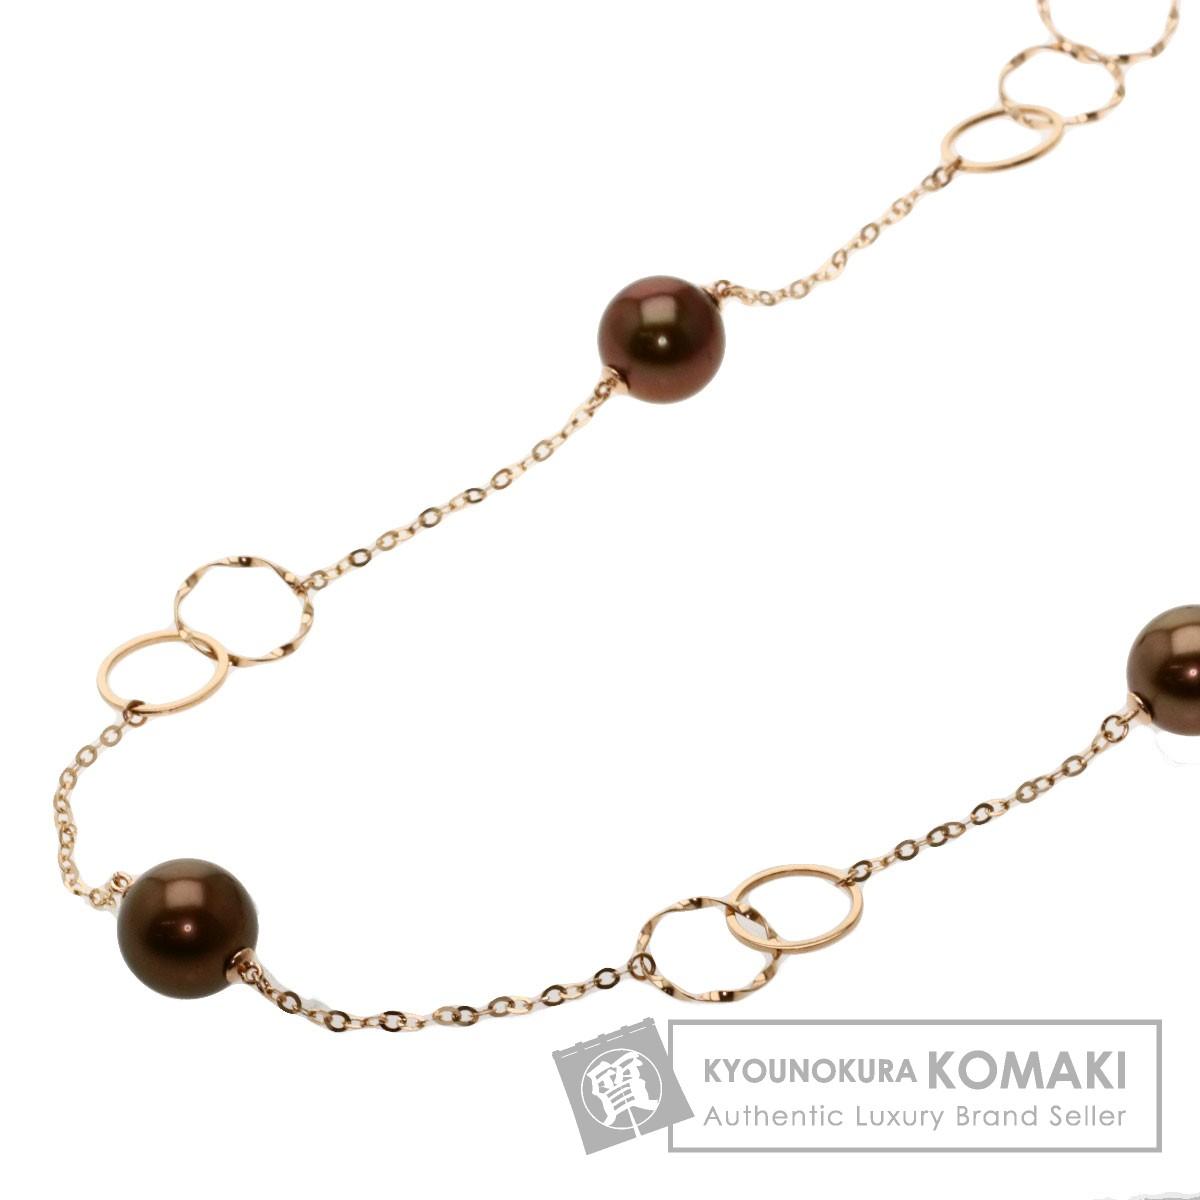 黒蝶 パール 真珠 ネックレス K10ピンクゴールド 15.5g レディース 【中古】